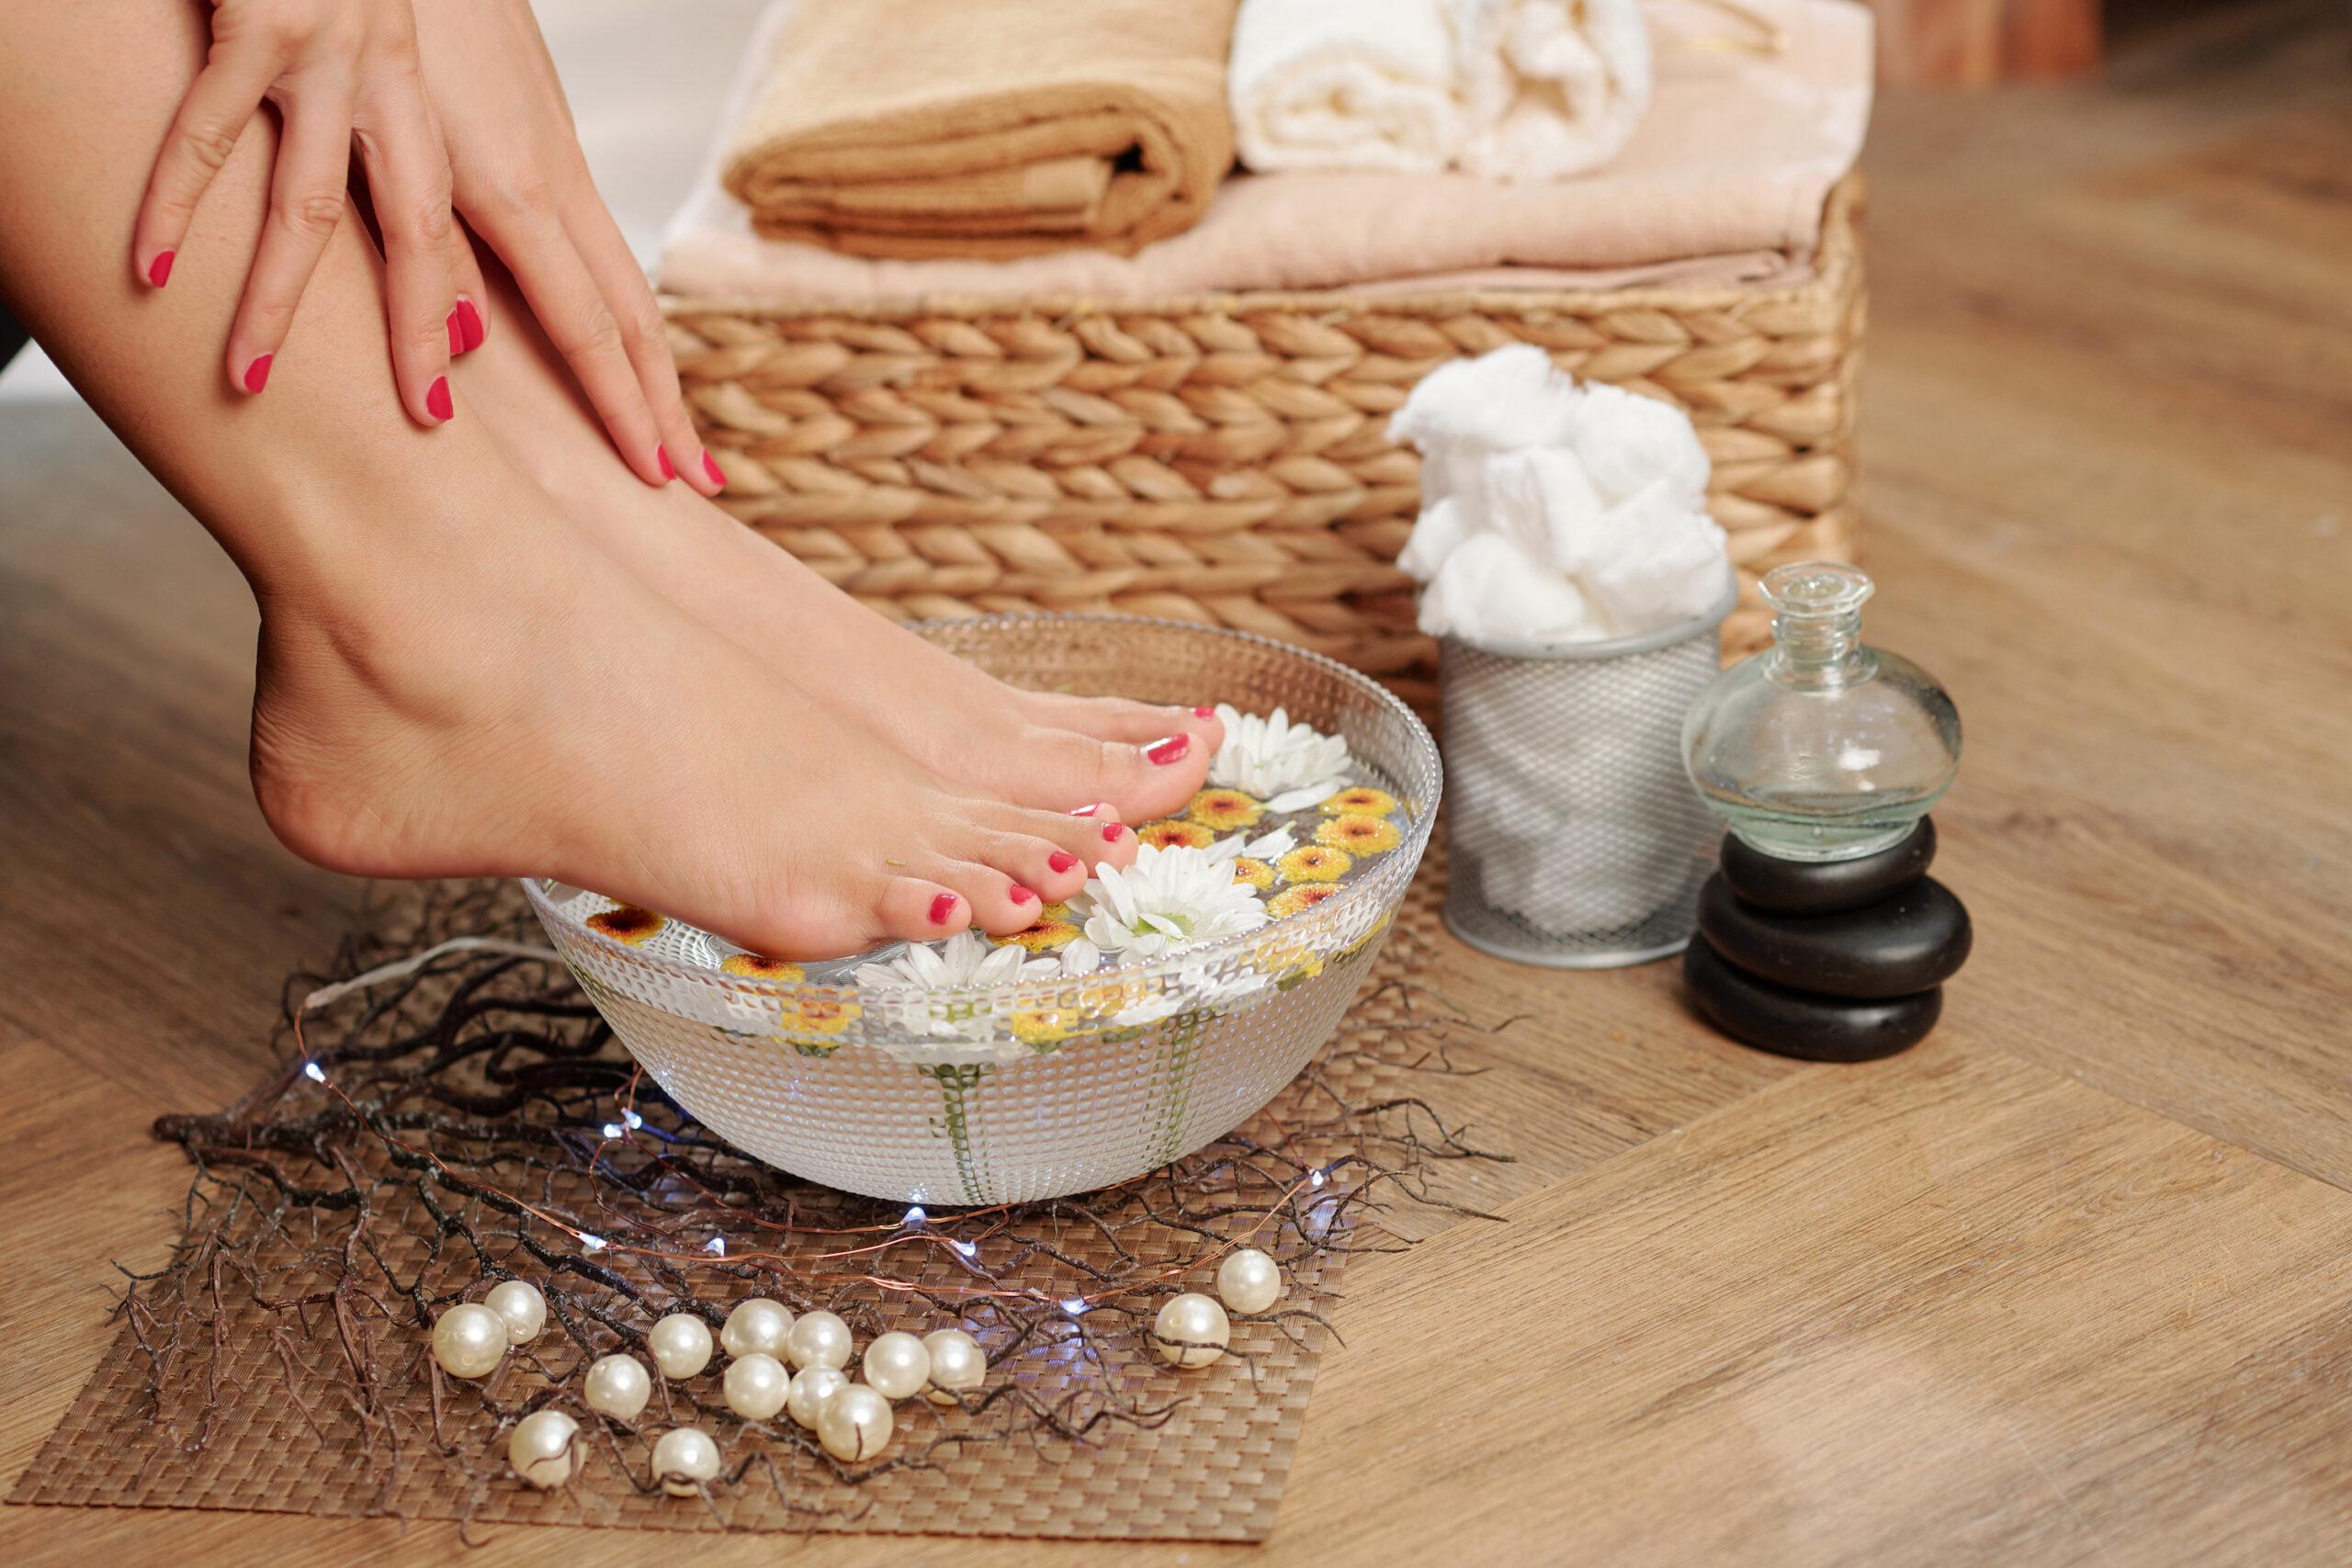 bain de pieds de femmes